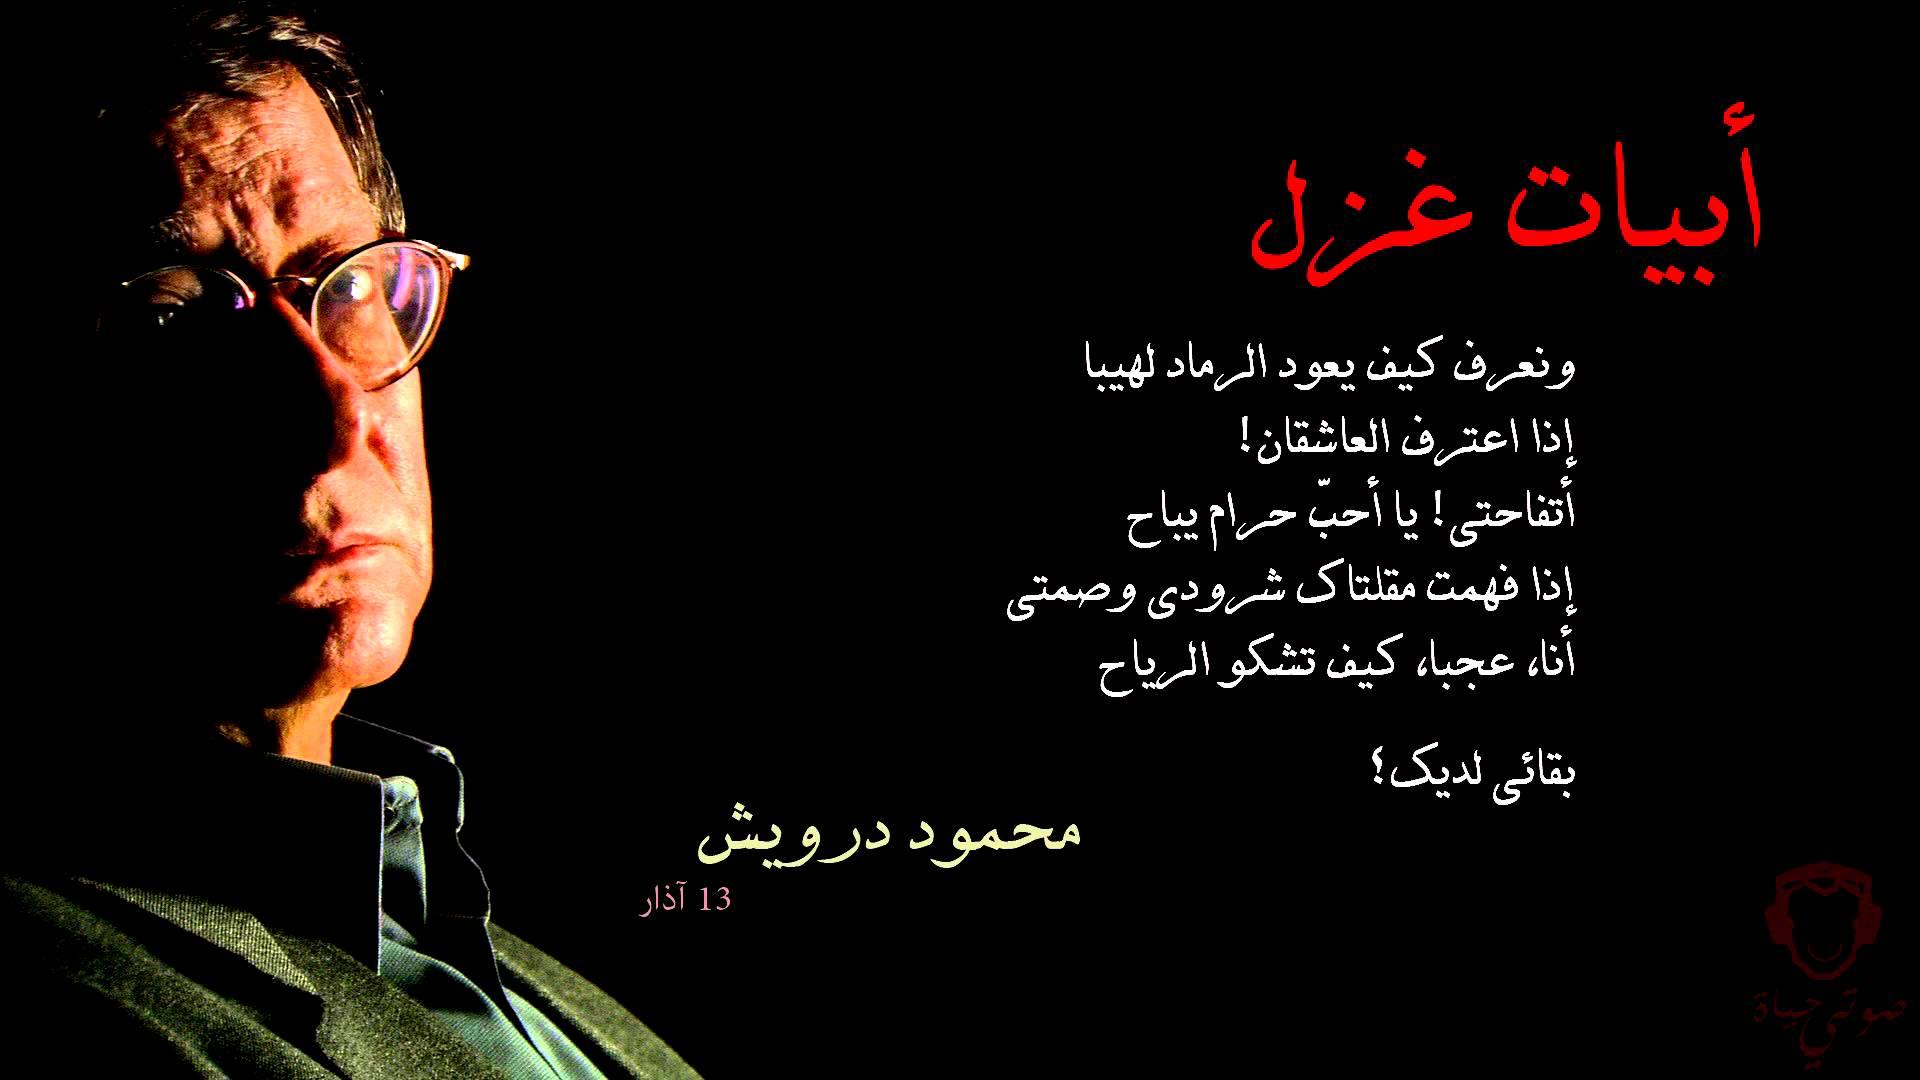 صورة قصائد غزل فاحش , كثره وجود قصائد الغزل الفاحش